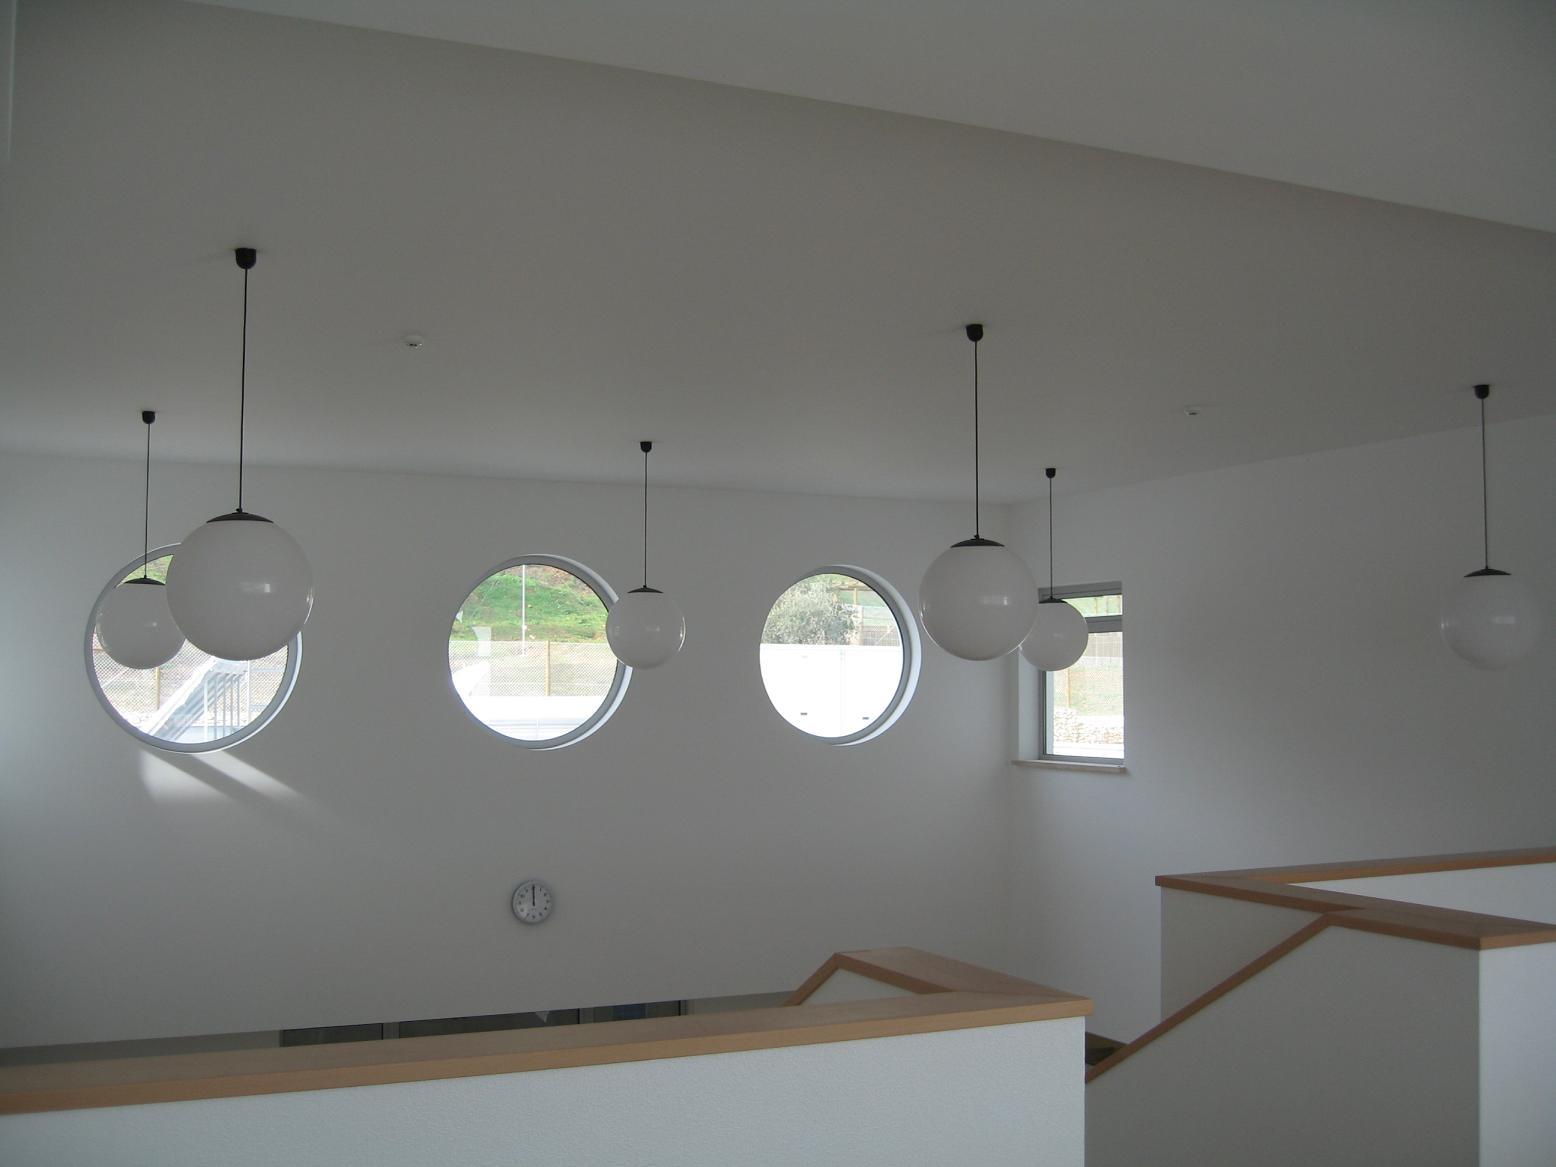 Espaço Interior